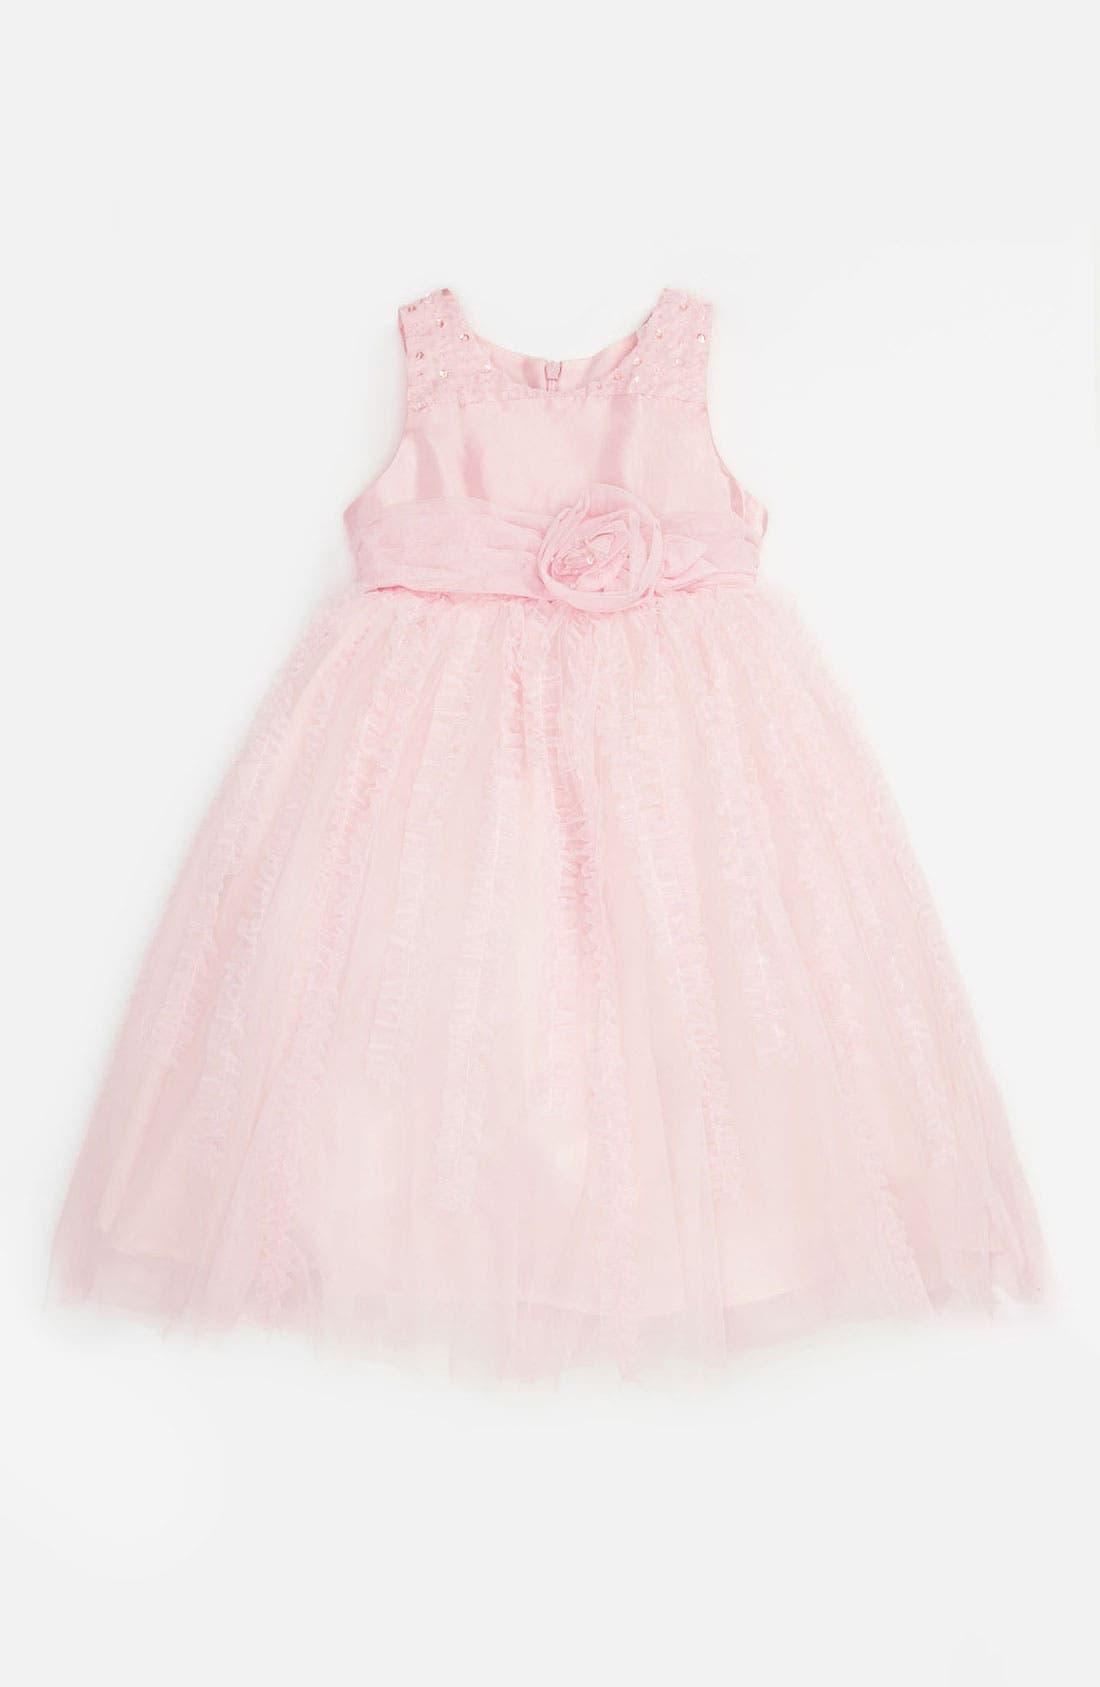 Alternate Image 1 Selected - Isobella & Chloe 'Fairy Floss' Dress (Toddler)